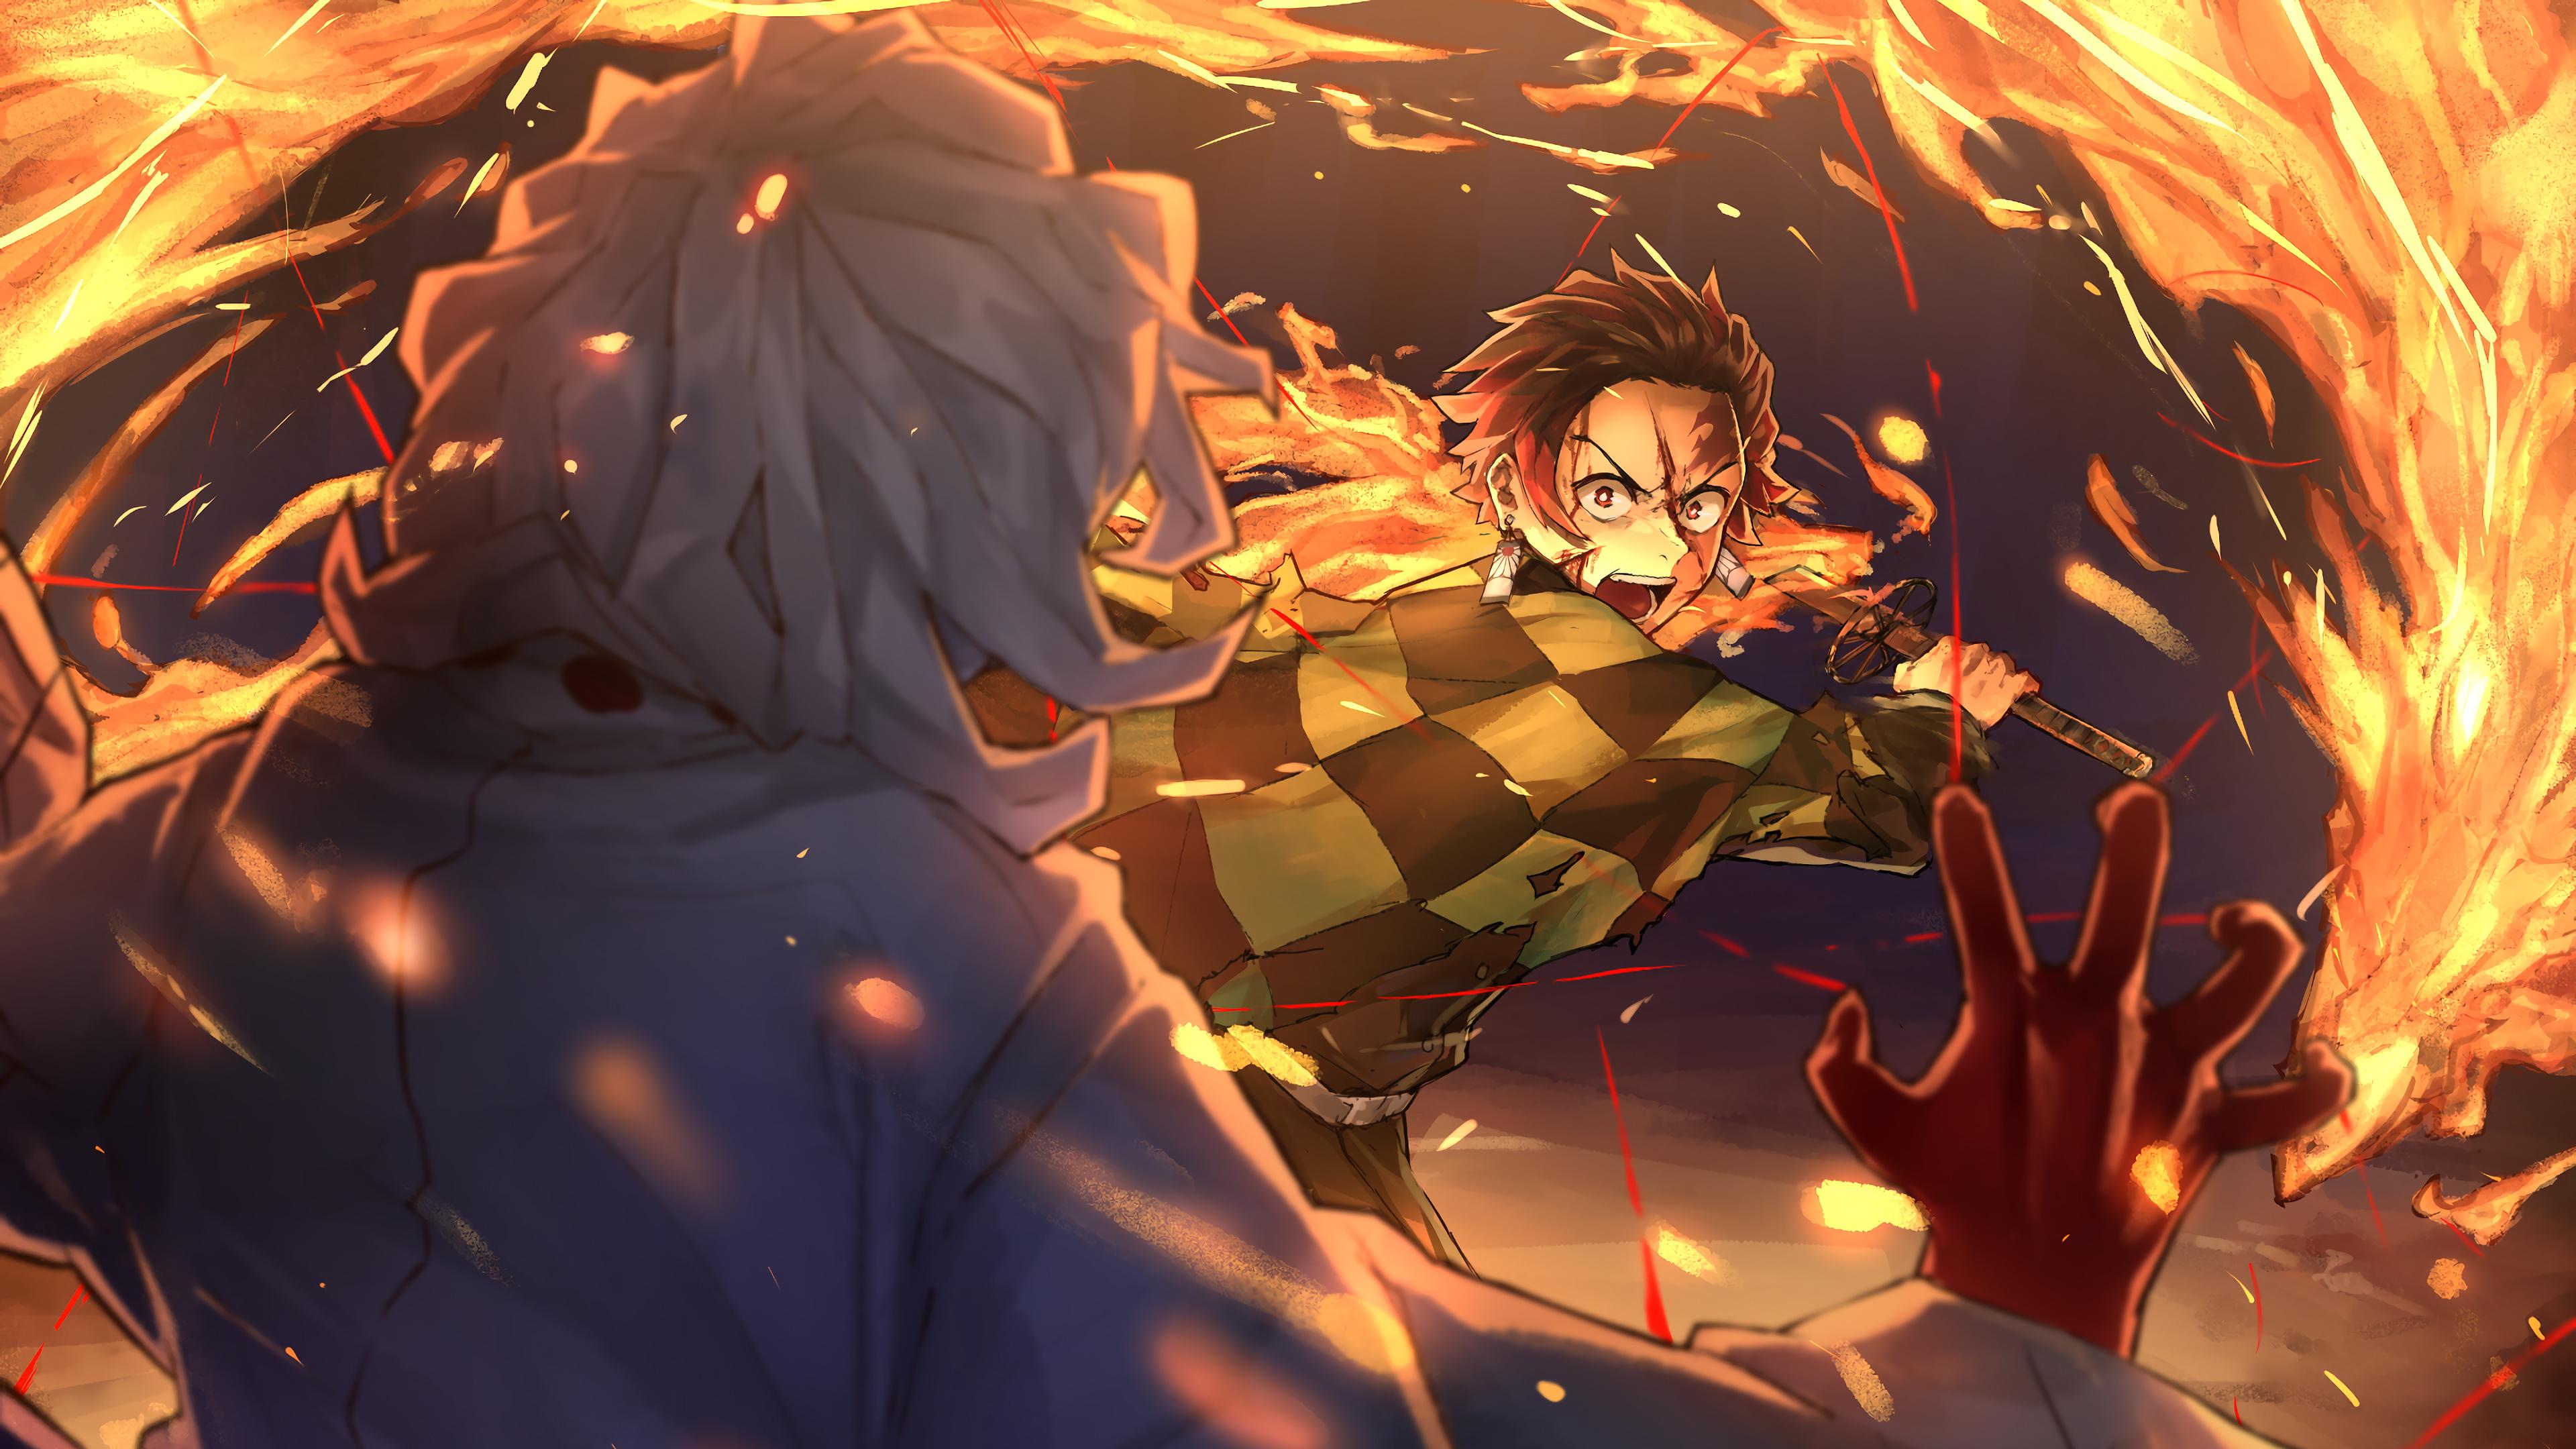 Tanjiro vs Rui Kimetsu no Yaiba 4K Wallpaper 31012 3840x2160